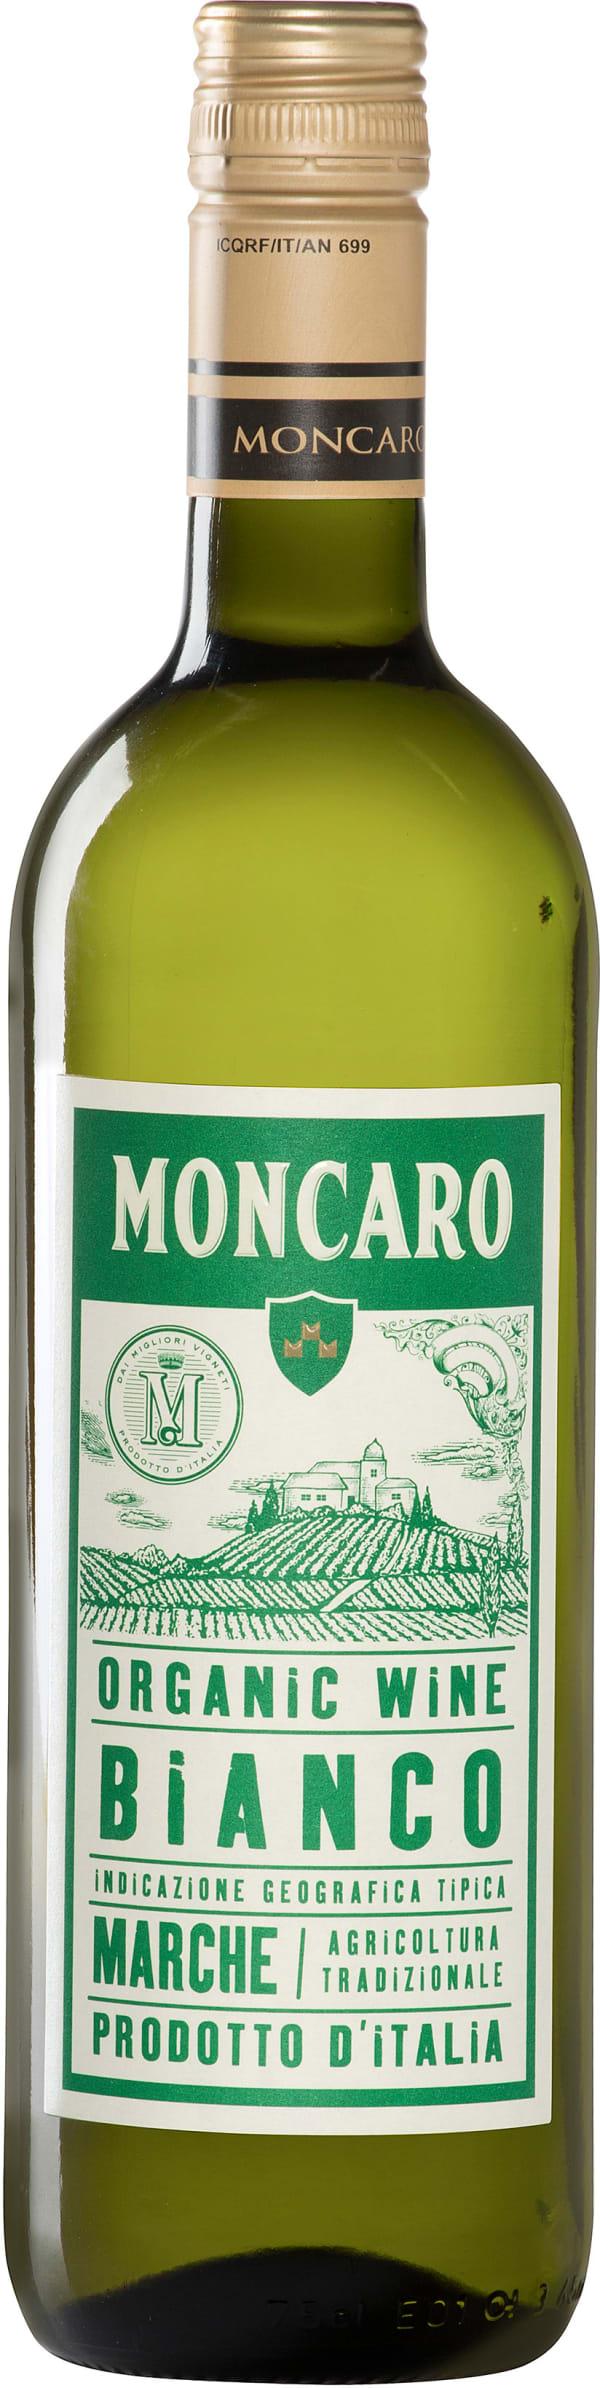 Moncaro Bianco Organic 2016